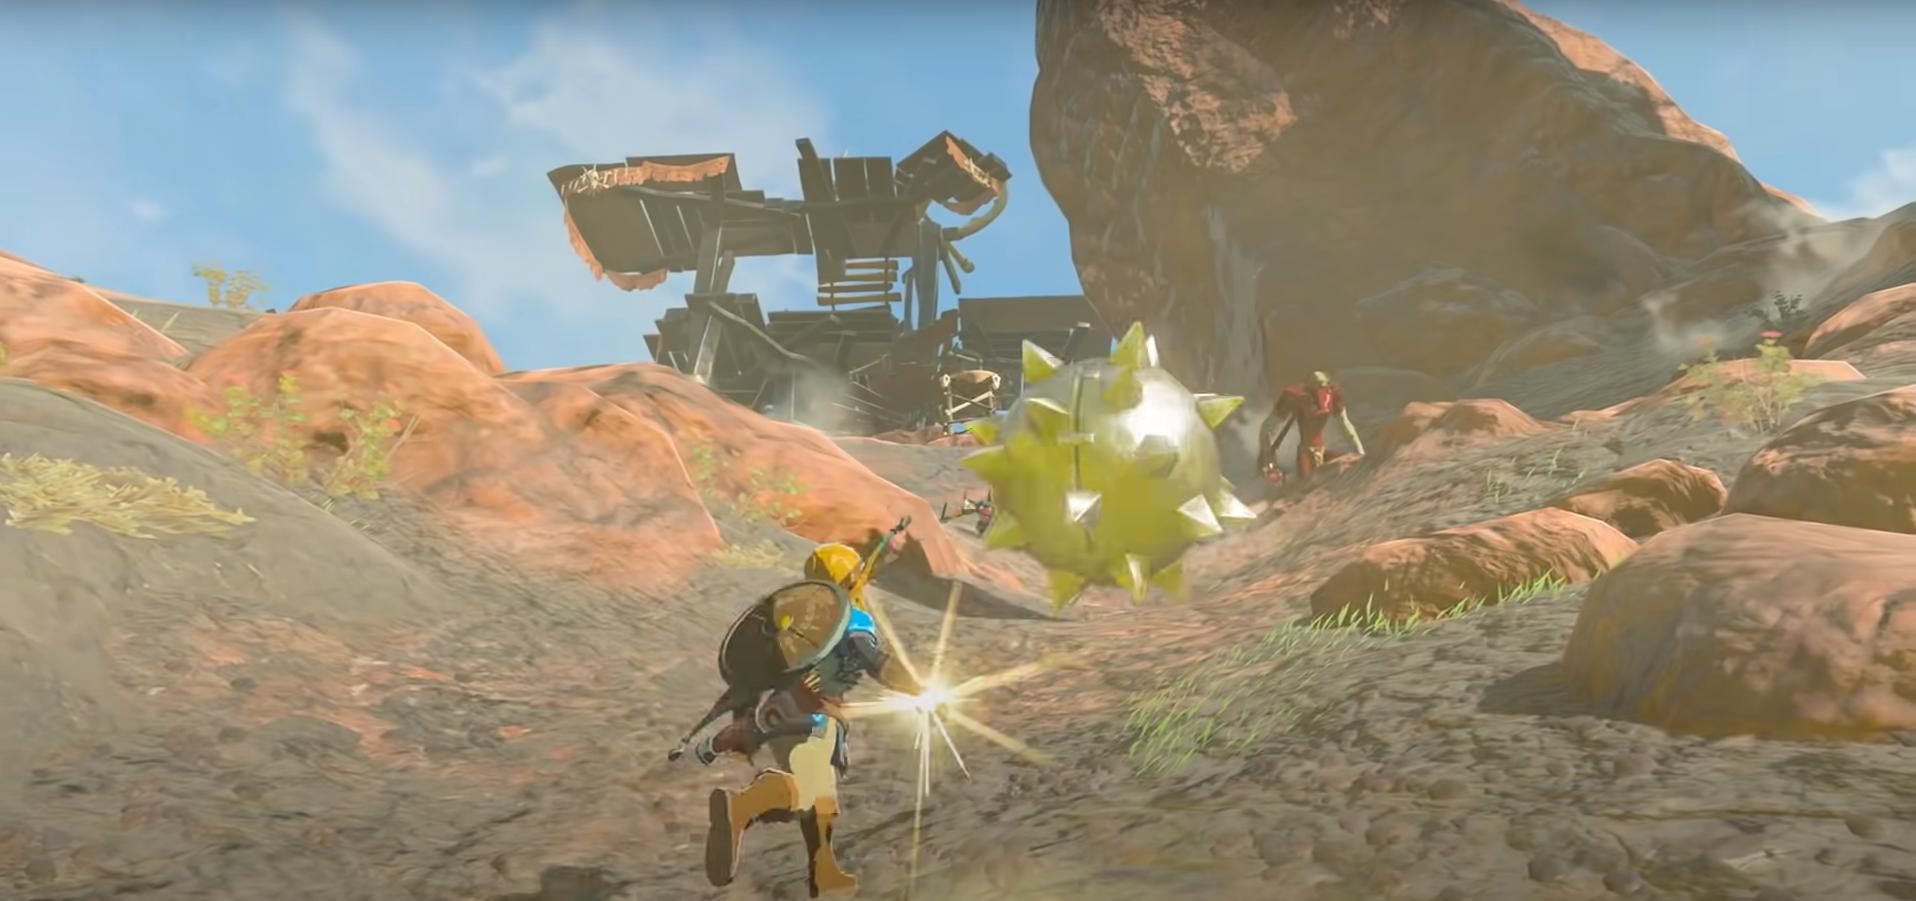 Zelda Breath of The Wild 2 Character